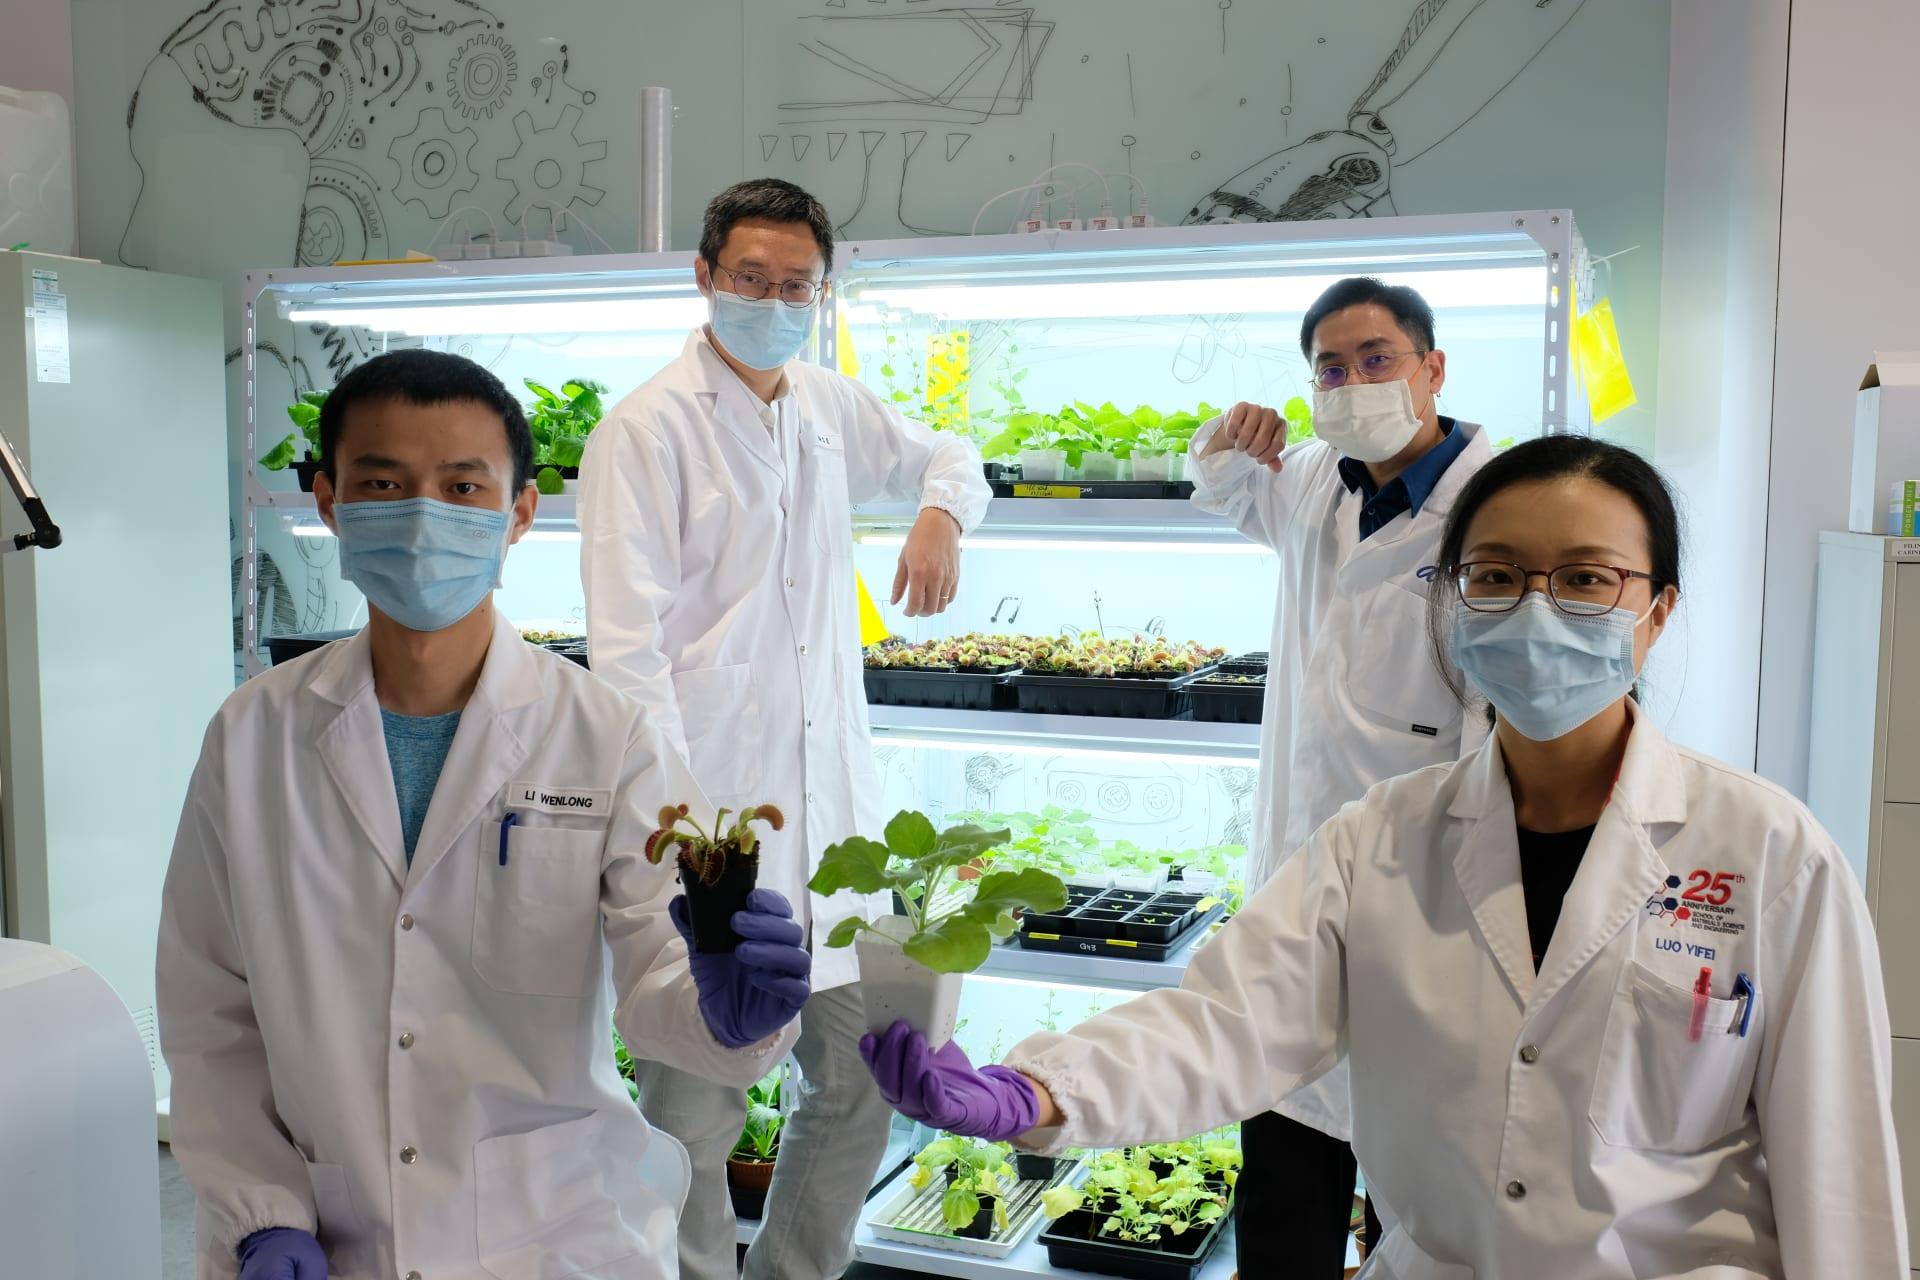 """باحثون من سنغافورة يطورون أداة يمكنها """"التواصل"""" مع النباتات..كيف؟"""